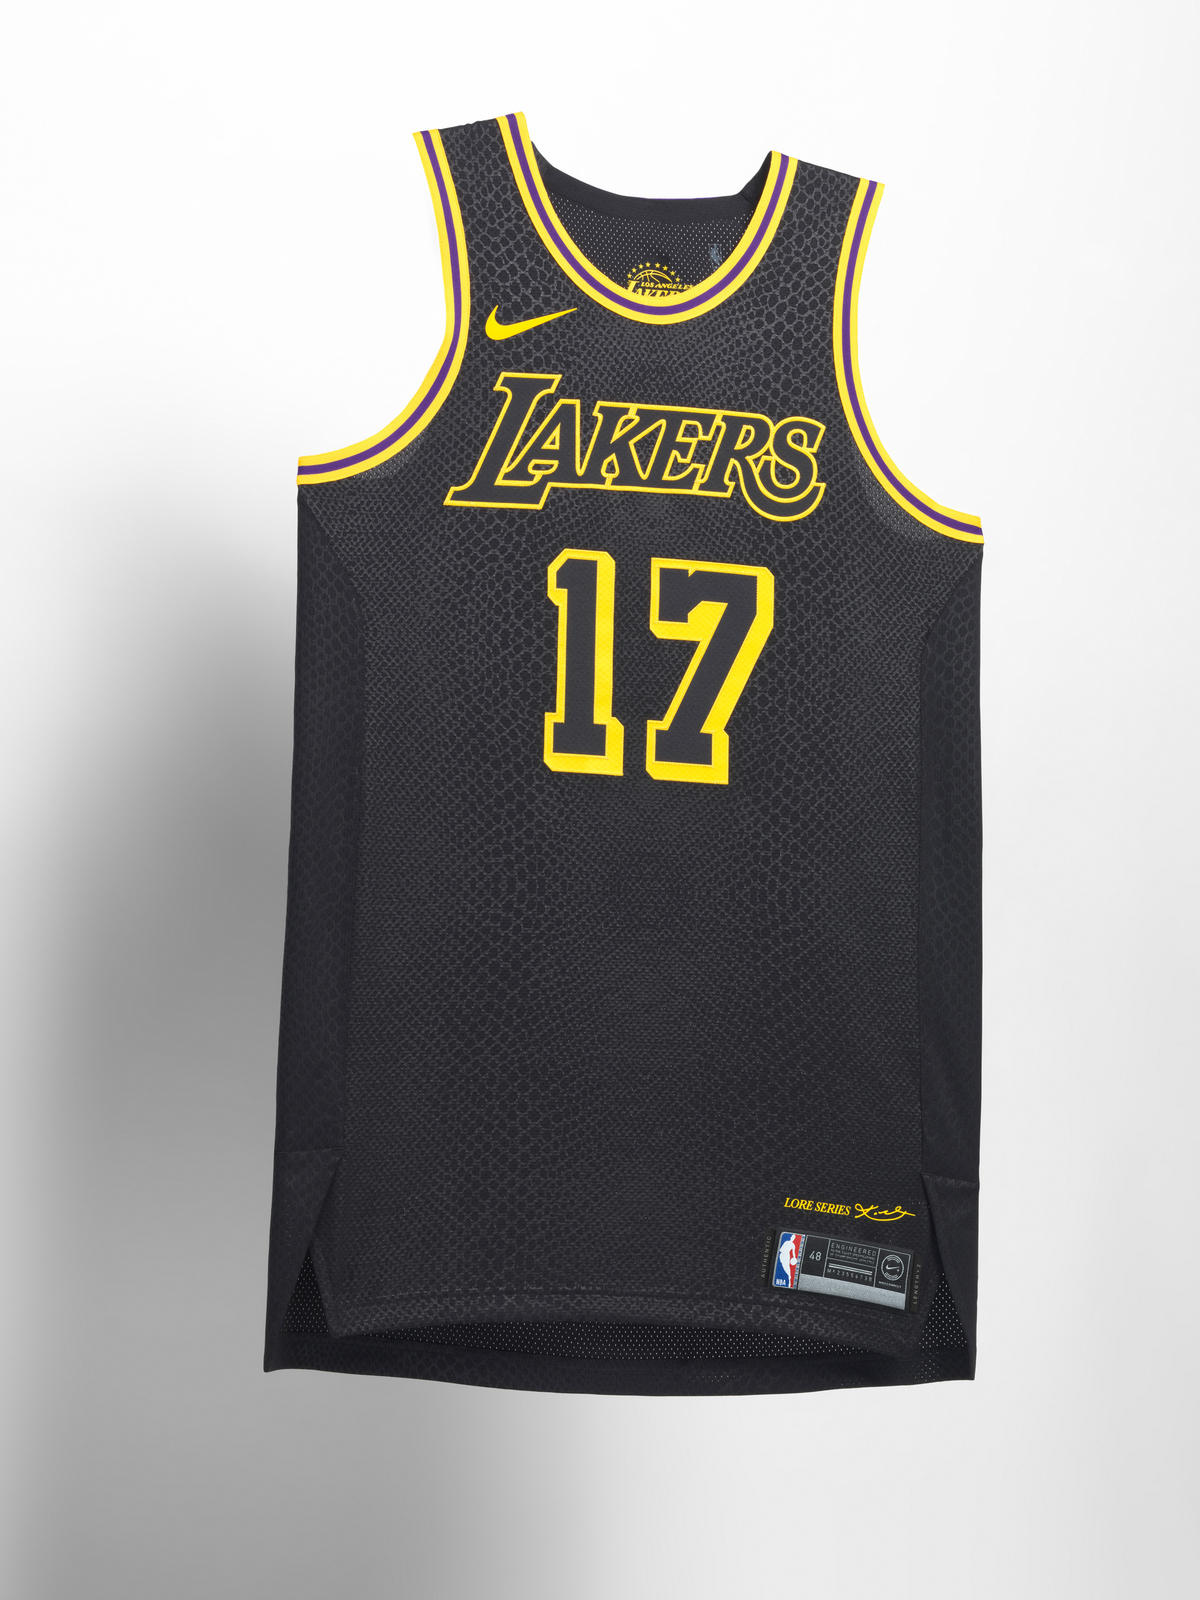 Nike_NBA_City_Edition_Uniform_LA_Lakers_0062_native_1600